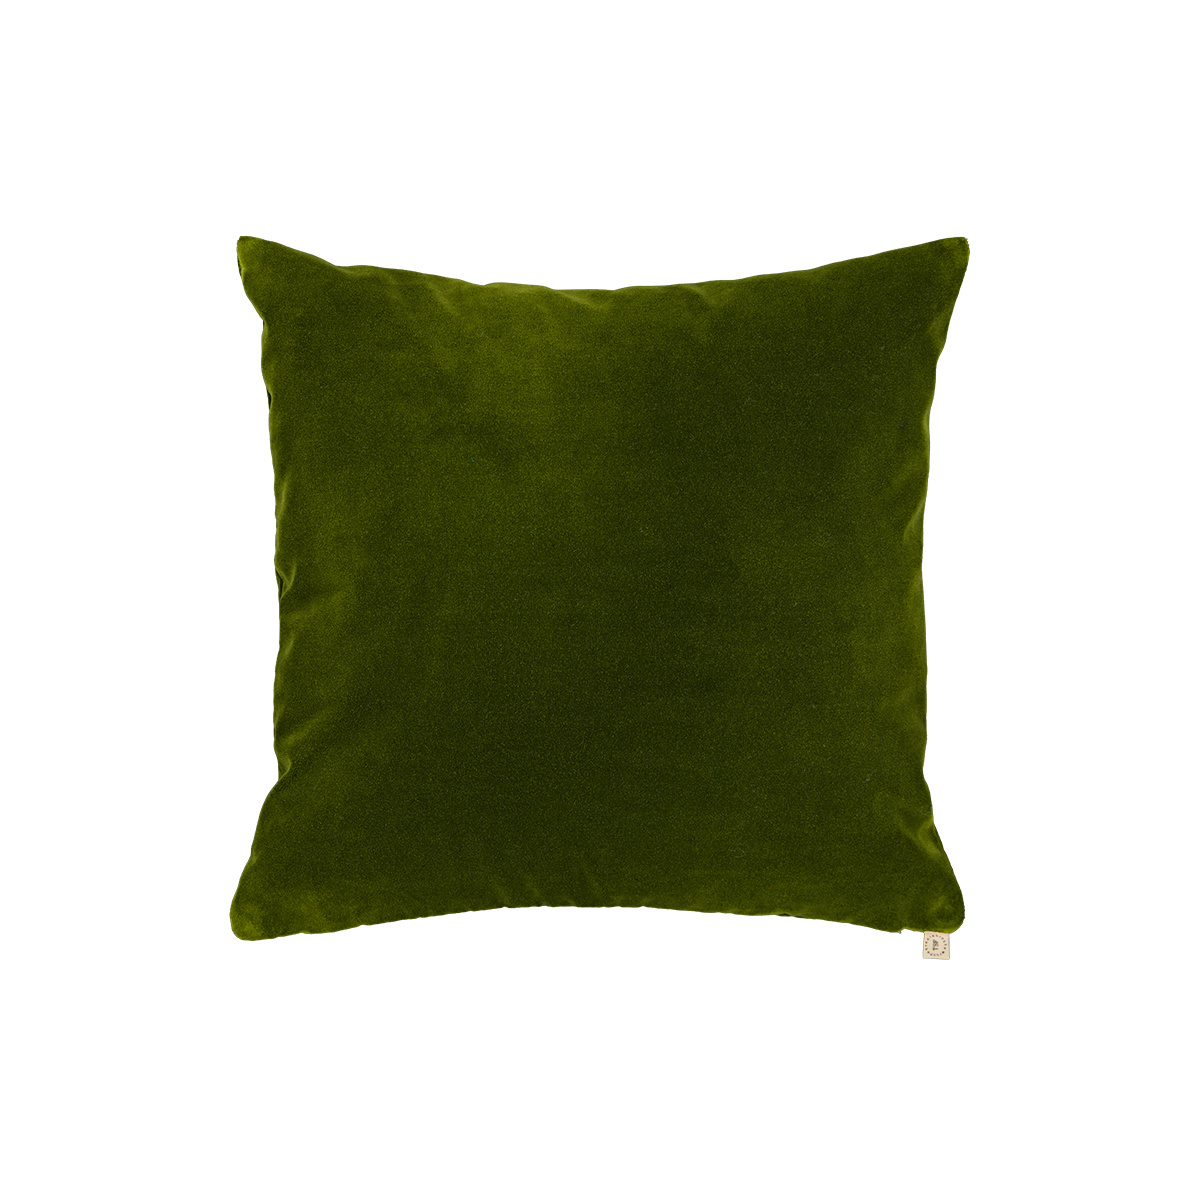 Nonna Cushion Fir Green Velvet